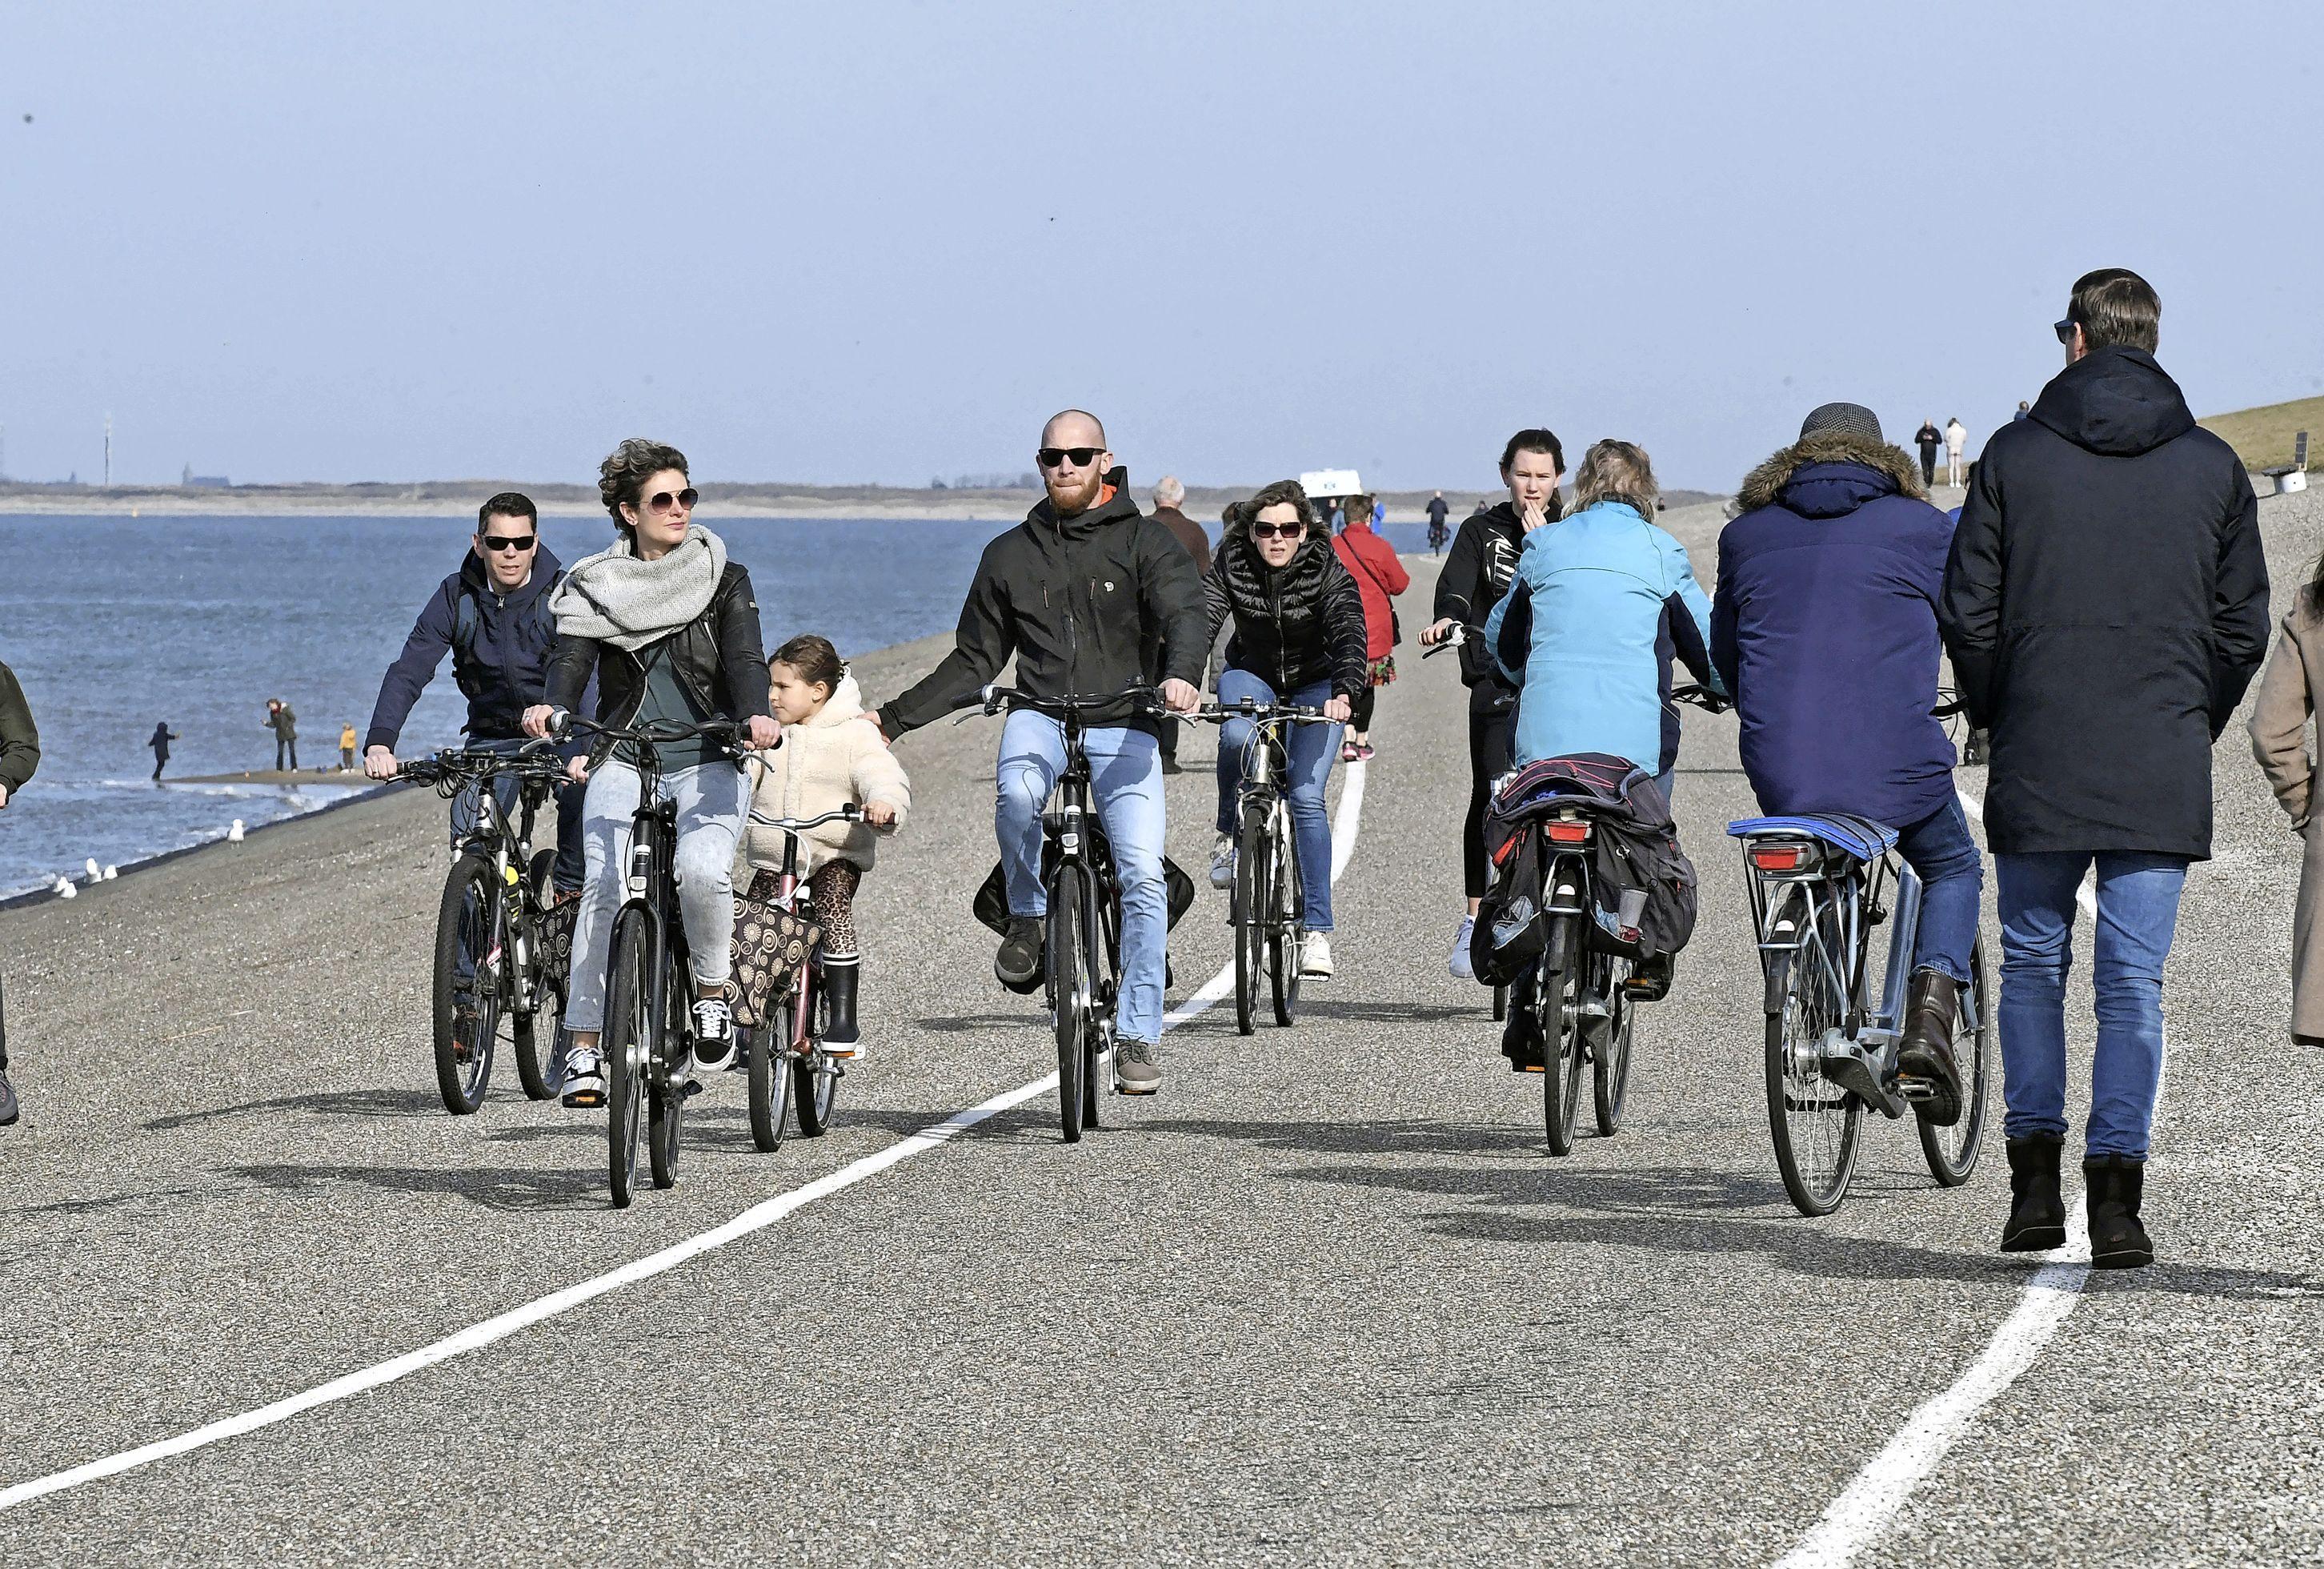 De voorjaarszon lokt ons massaal naar buiten. Een stukje fietsen, wandelen of op een bankje genieten van alles wat voorbijkomt op de dijk van Huisduinen